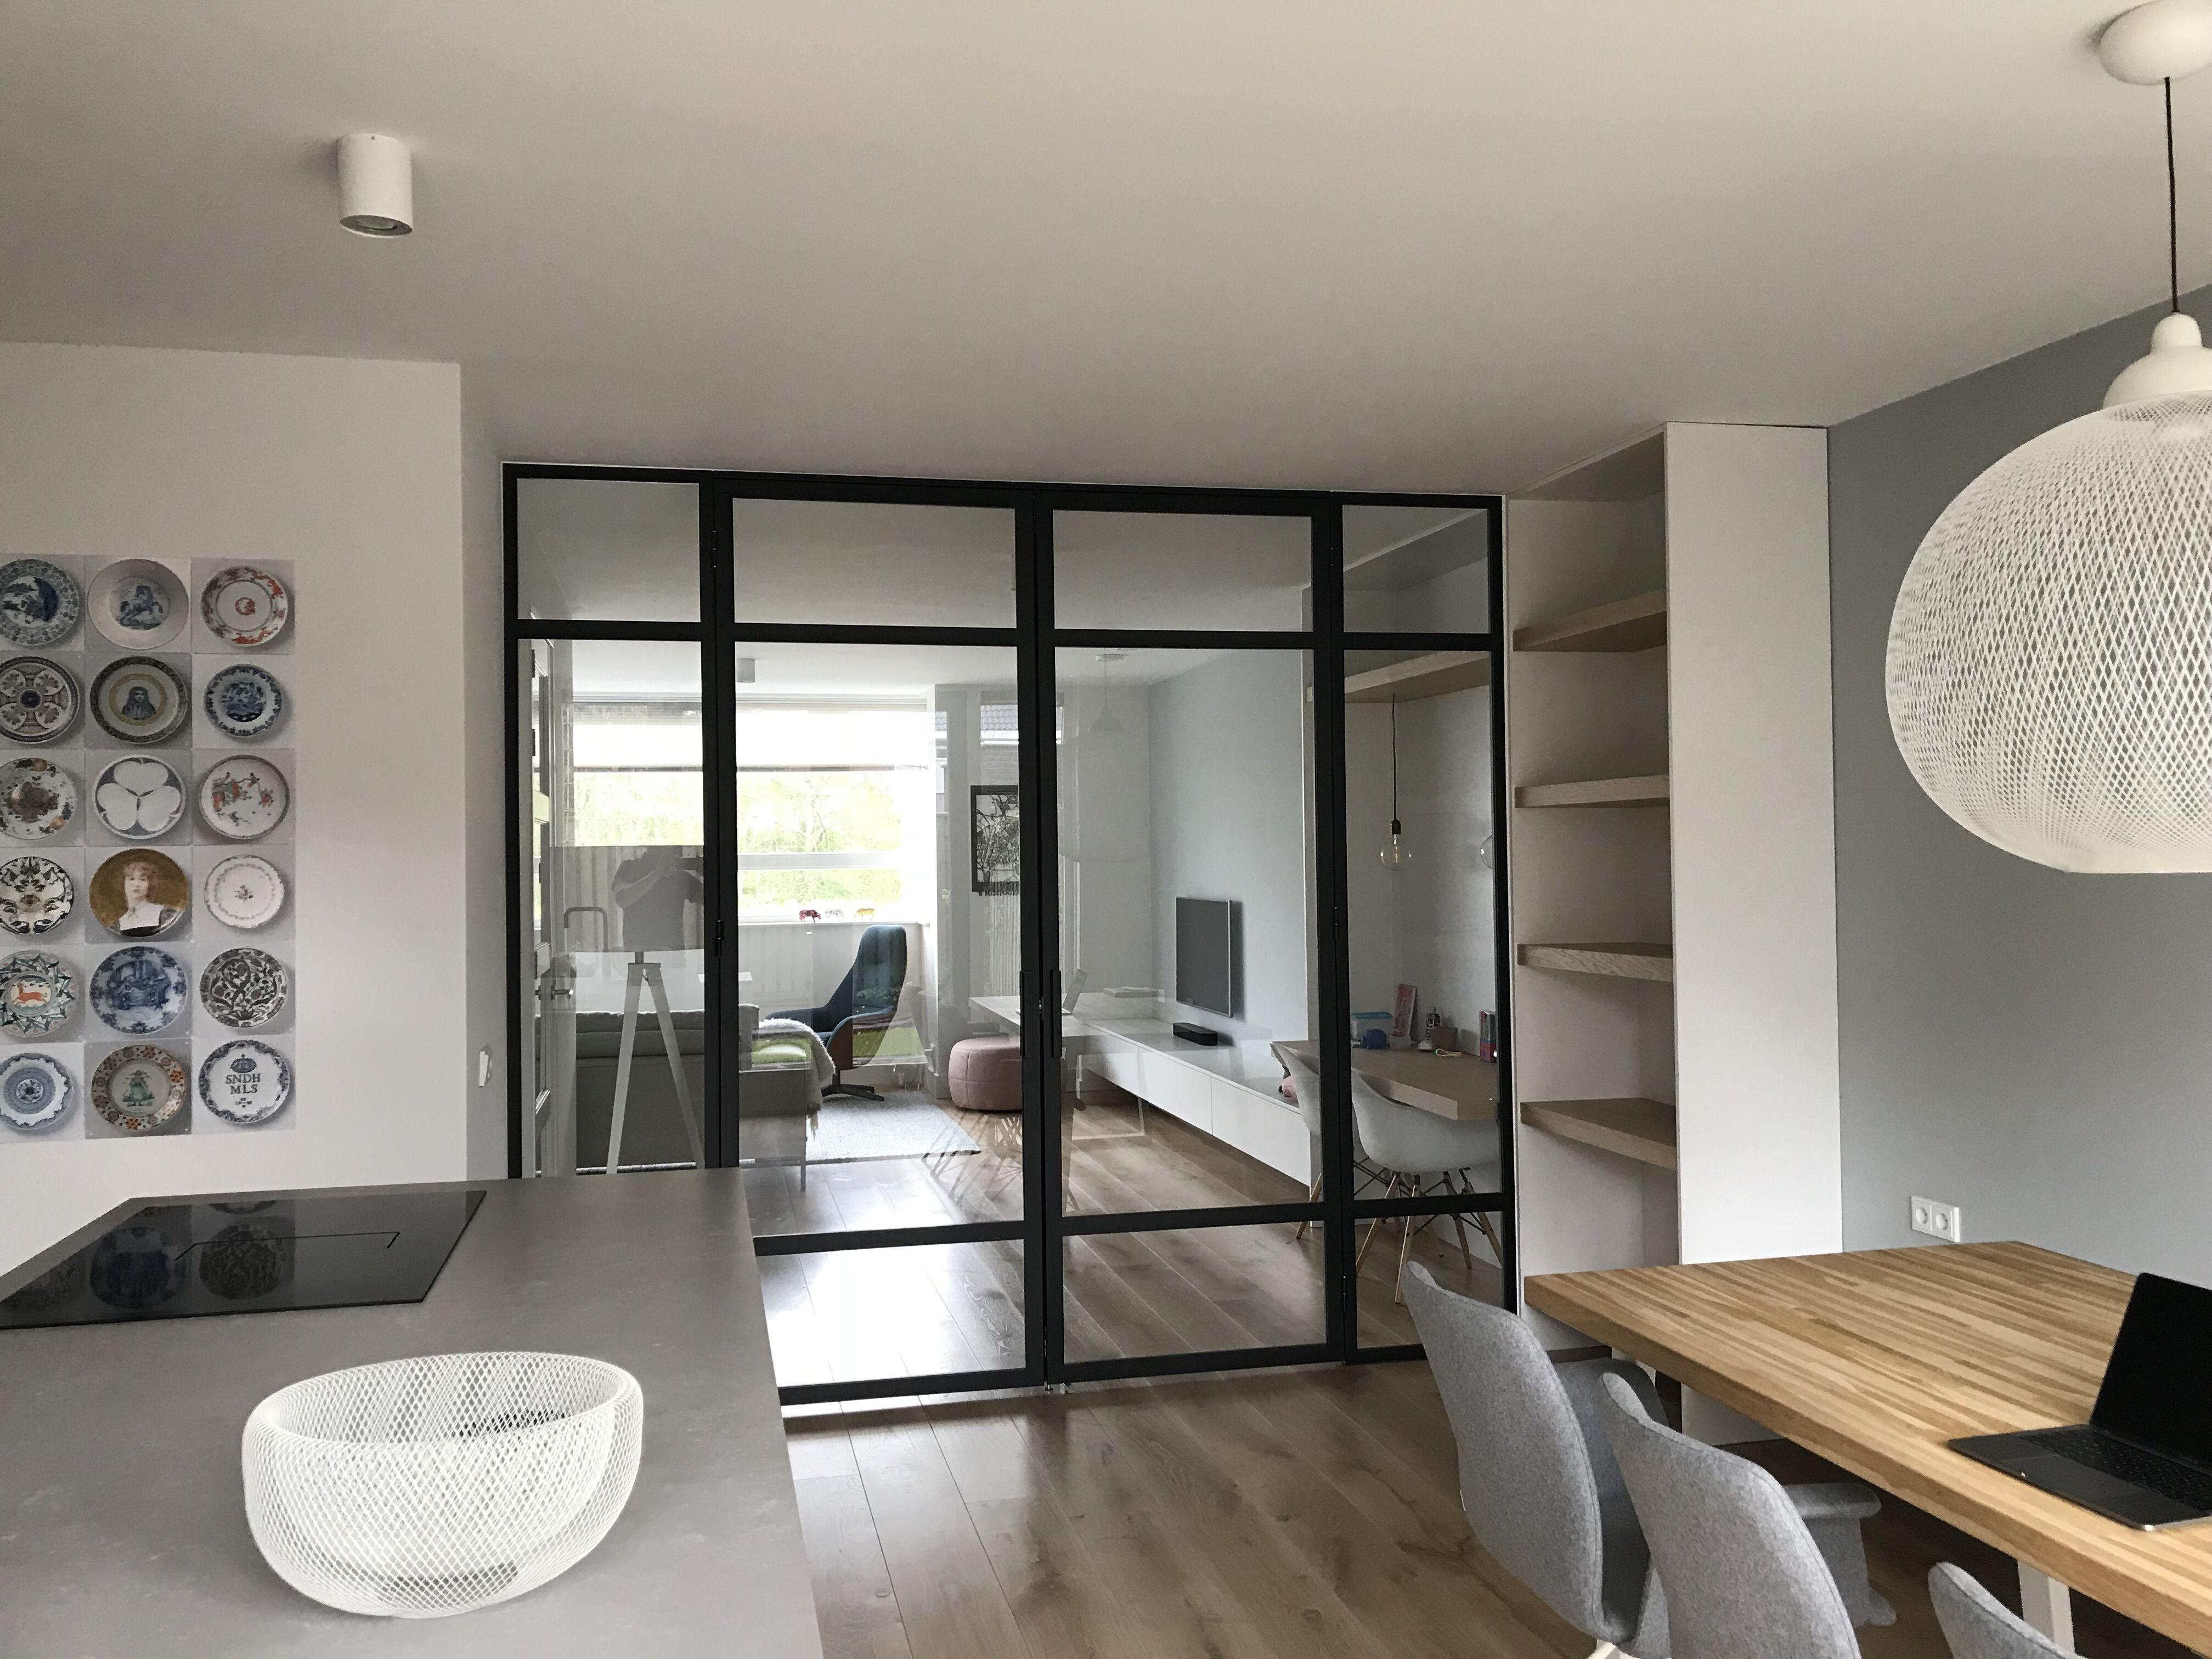 Dubbele Stalen Deur Met Zijpanelen Stalen Deuren Huis Interieur Ideeen Voor Een Kamer